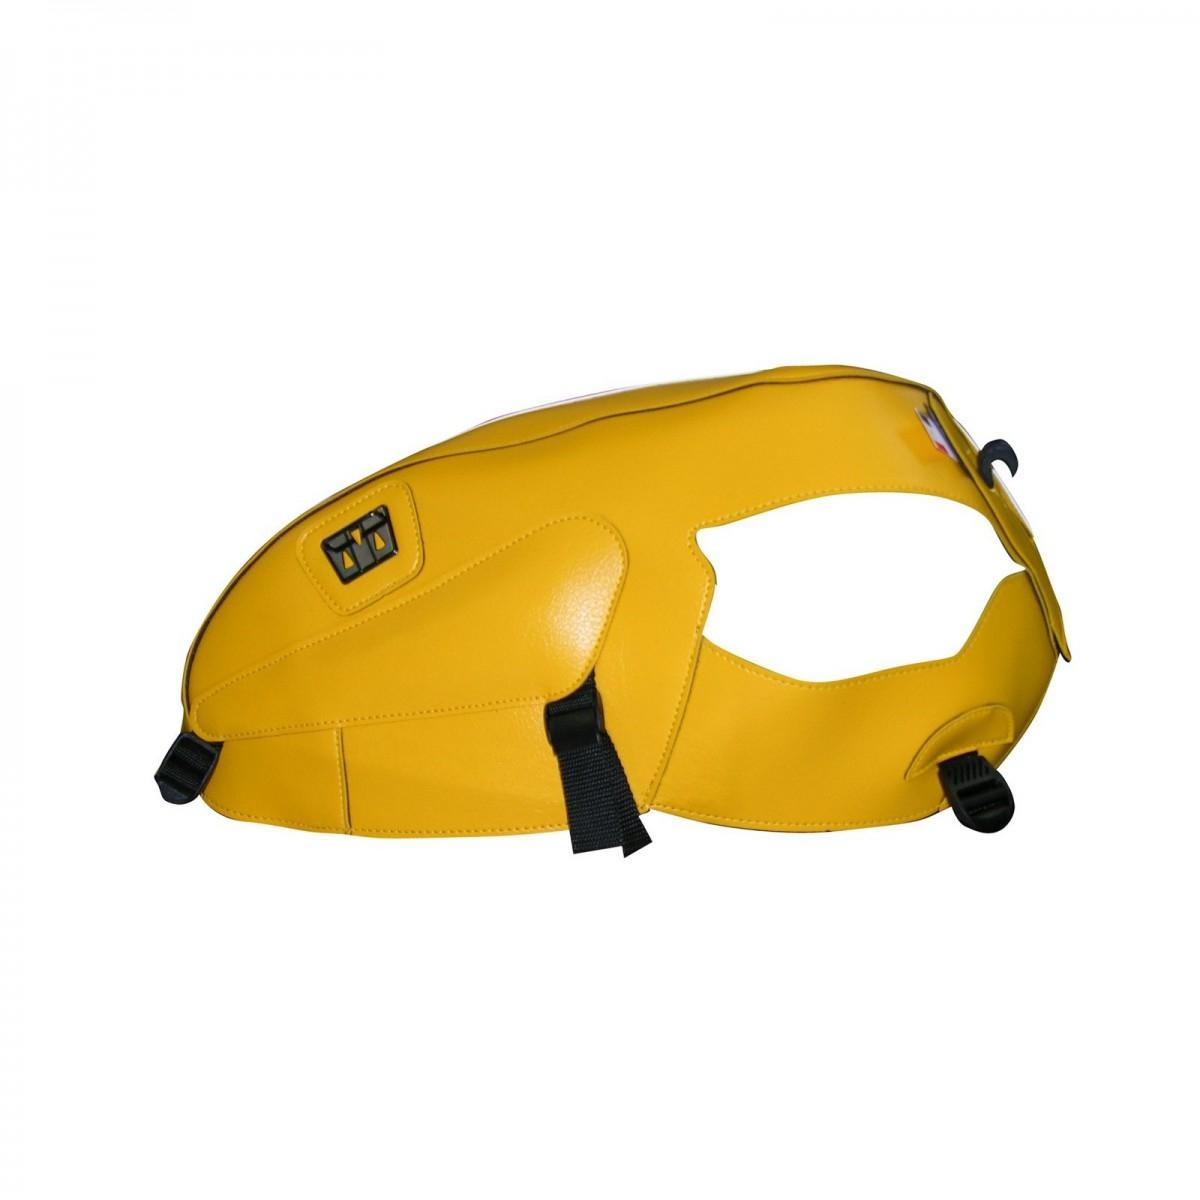 Protège-réservoir Bagster Triumph Thruxton 900 05-06 jaune/bande blanc